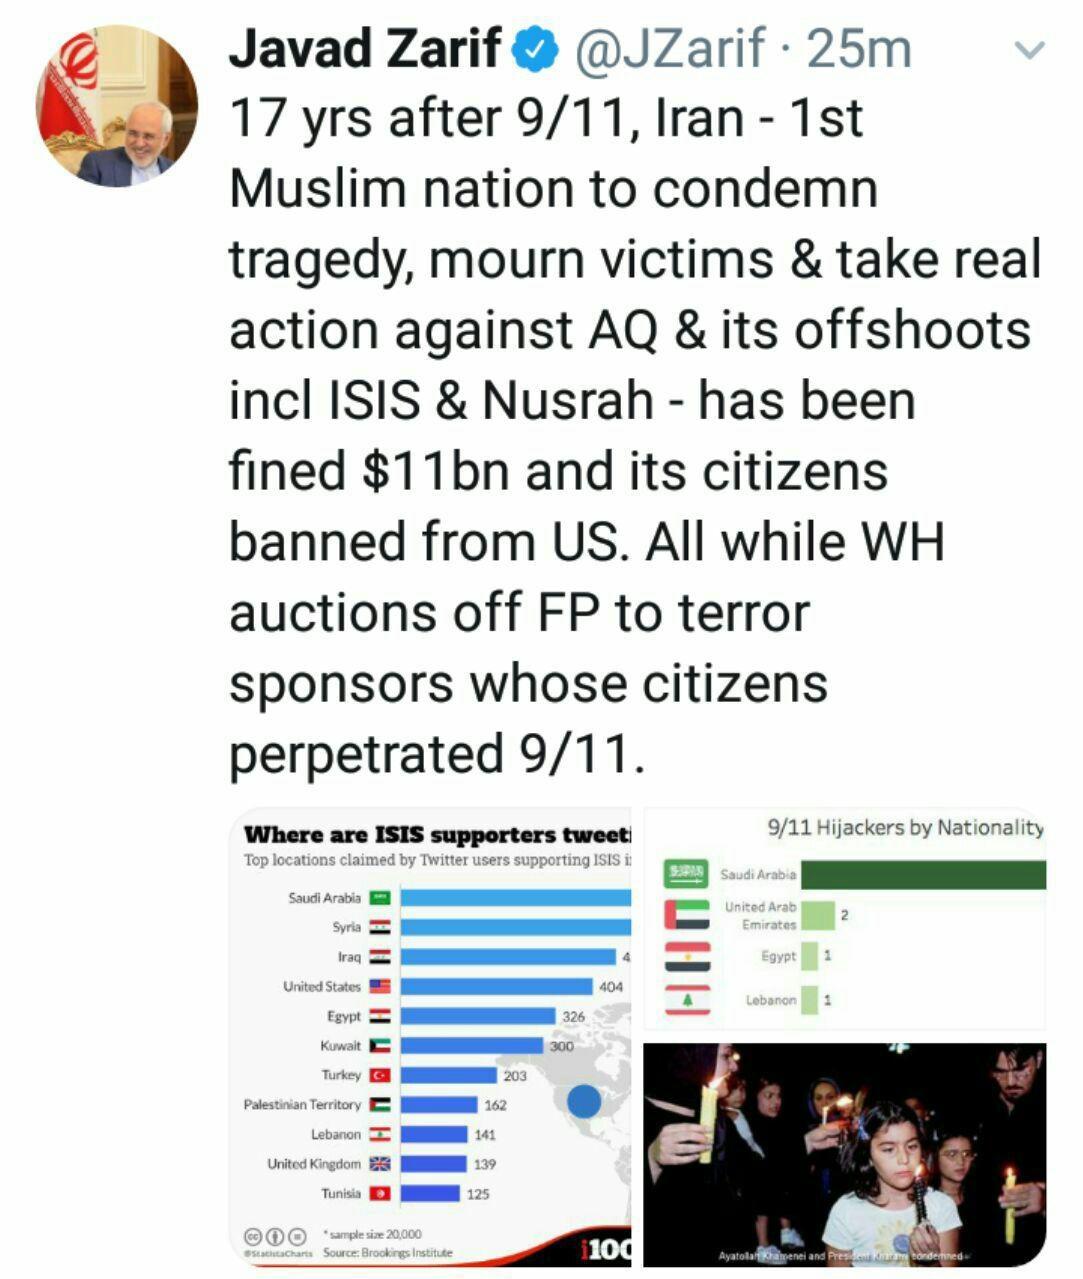 توئیت ظریف در سالگرد ۱۱سپتامبر